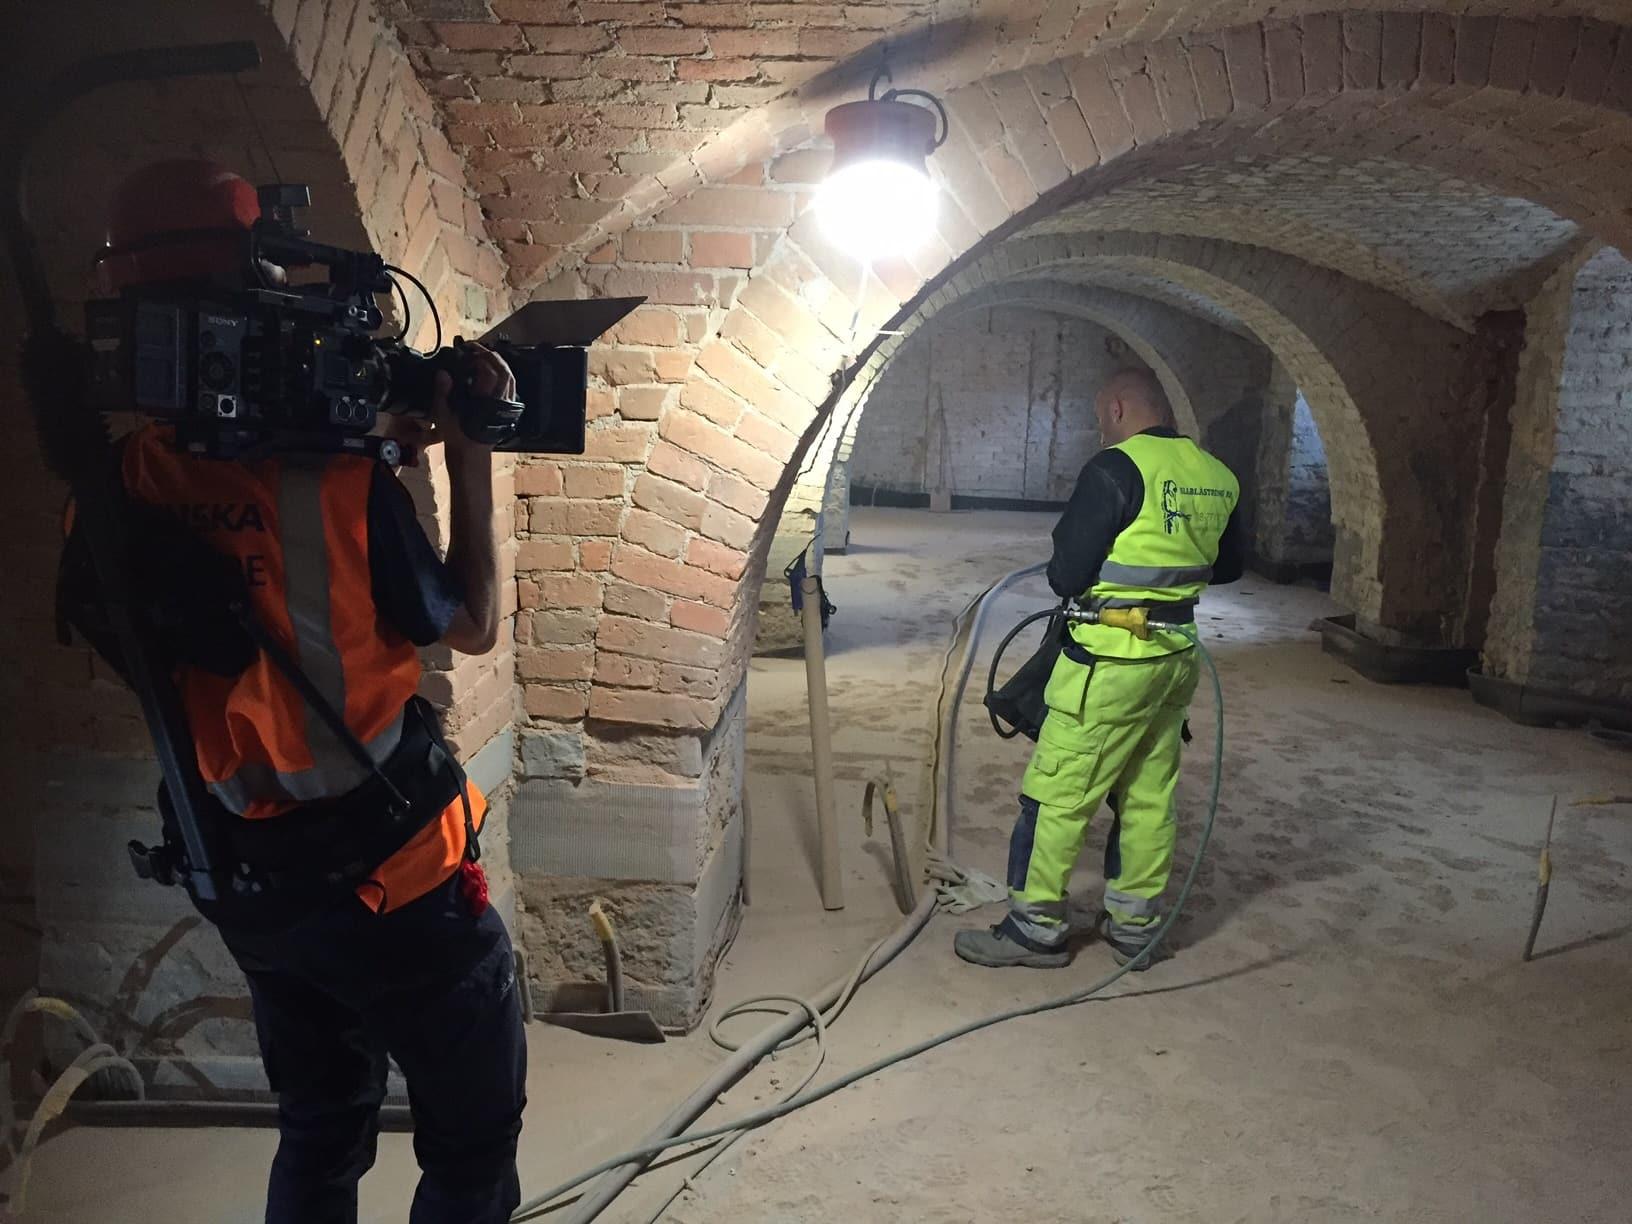 allblästring blästring skanska nationalmuseum svt dokumentär 03